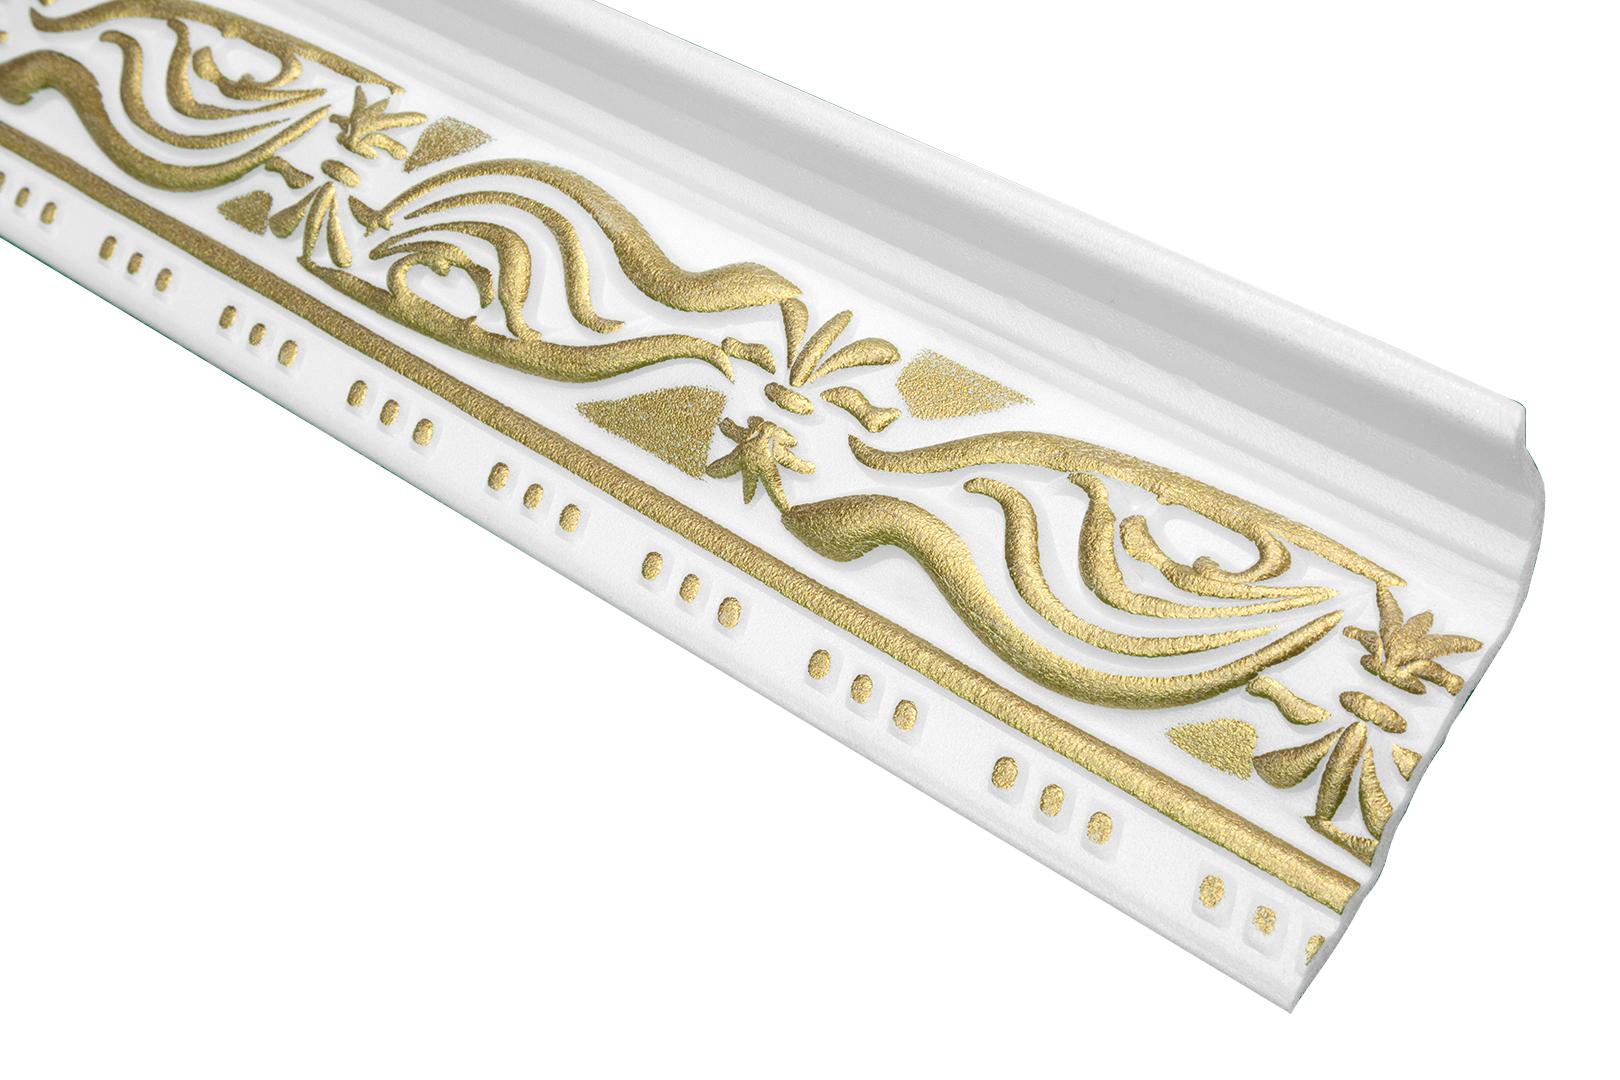 2 Meter   Zierleiste Zierprofil Deckenleiste   46x89mm   M-24 GOLD